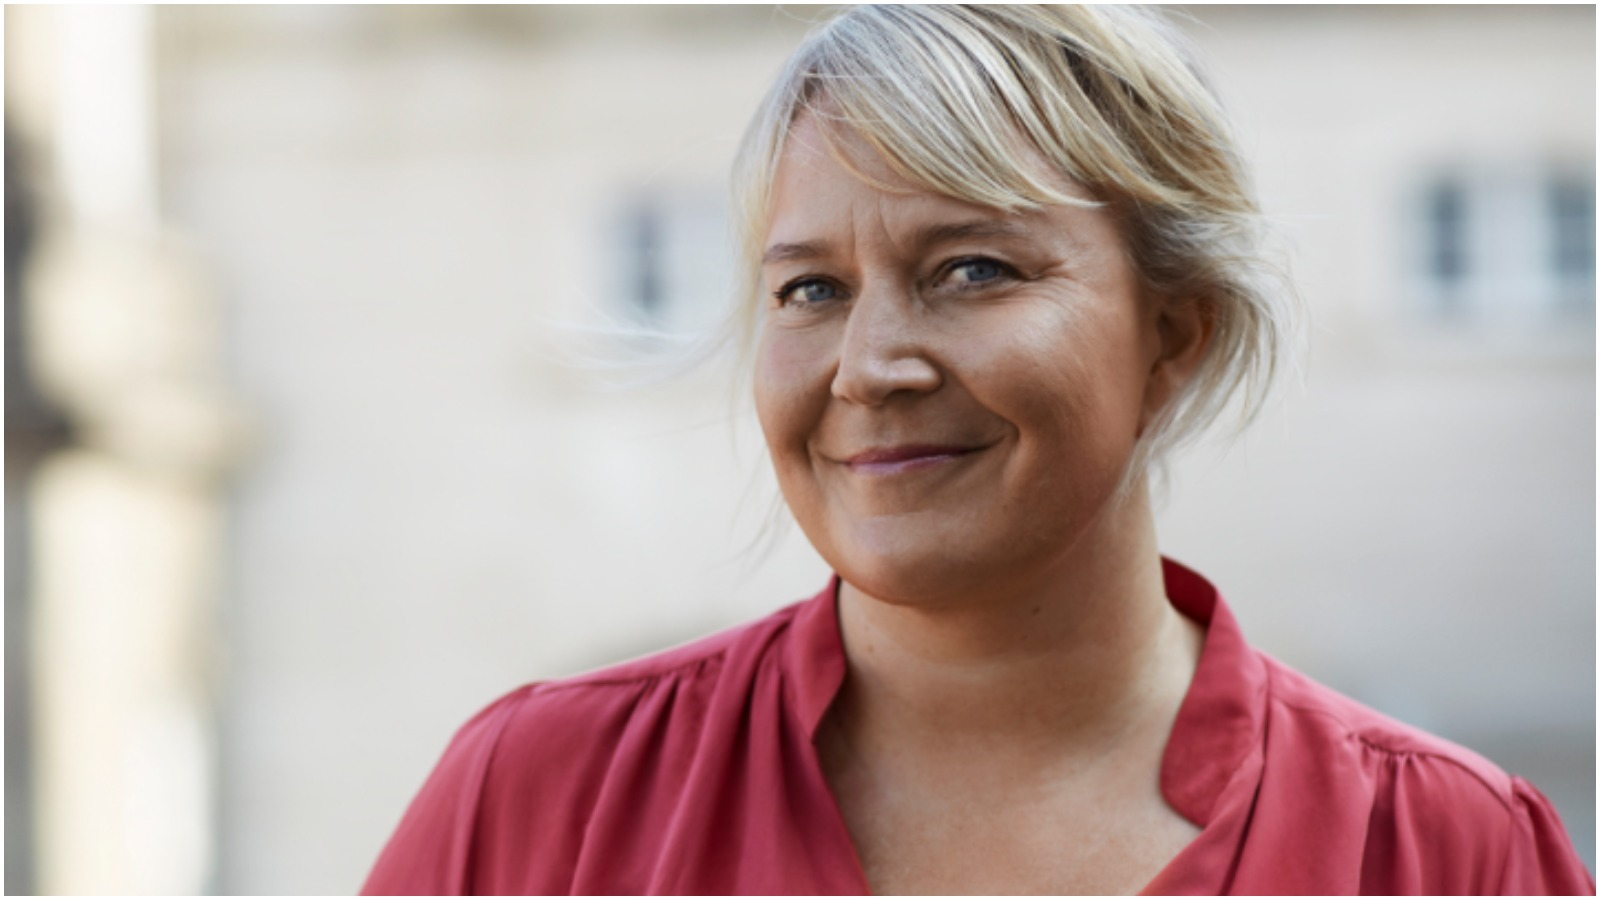 Christina Egelund i RÆSON35: Ansvaret for og glæden ved at tage sig af hinanden er i høj grad flyttet fra borgerne til velfærdsstaten